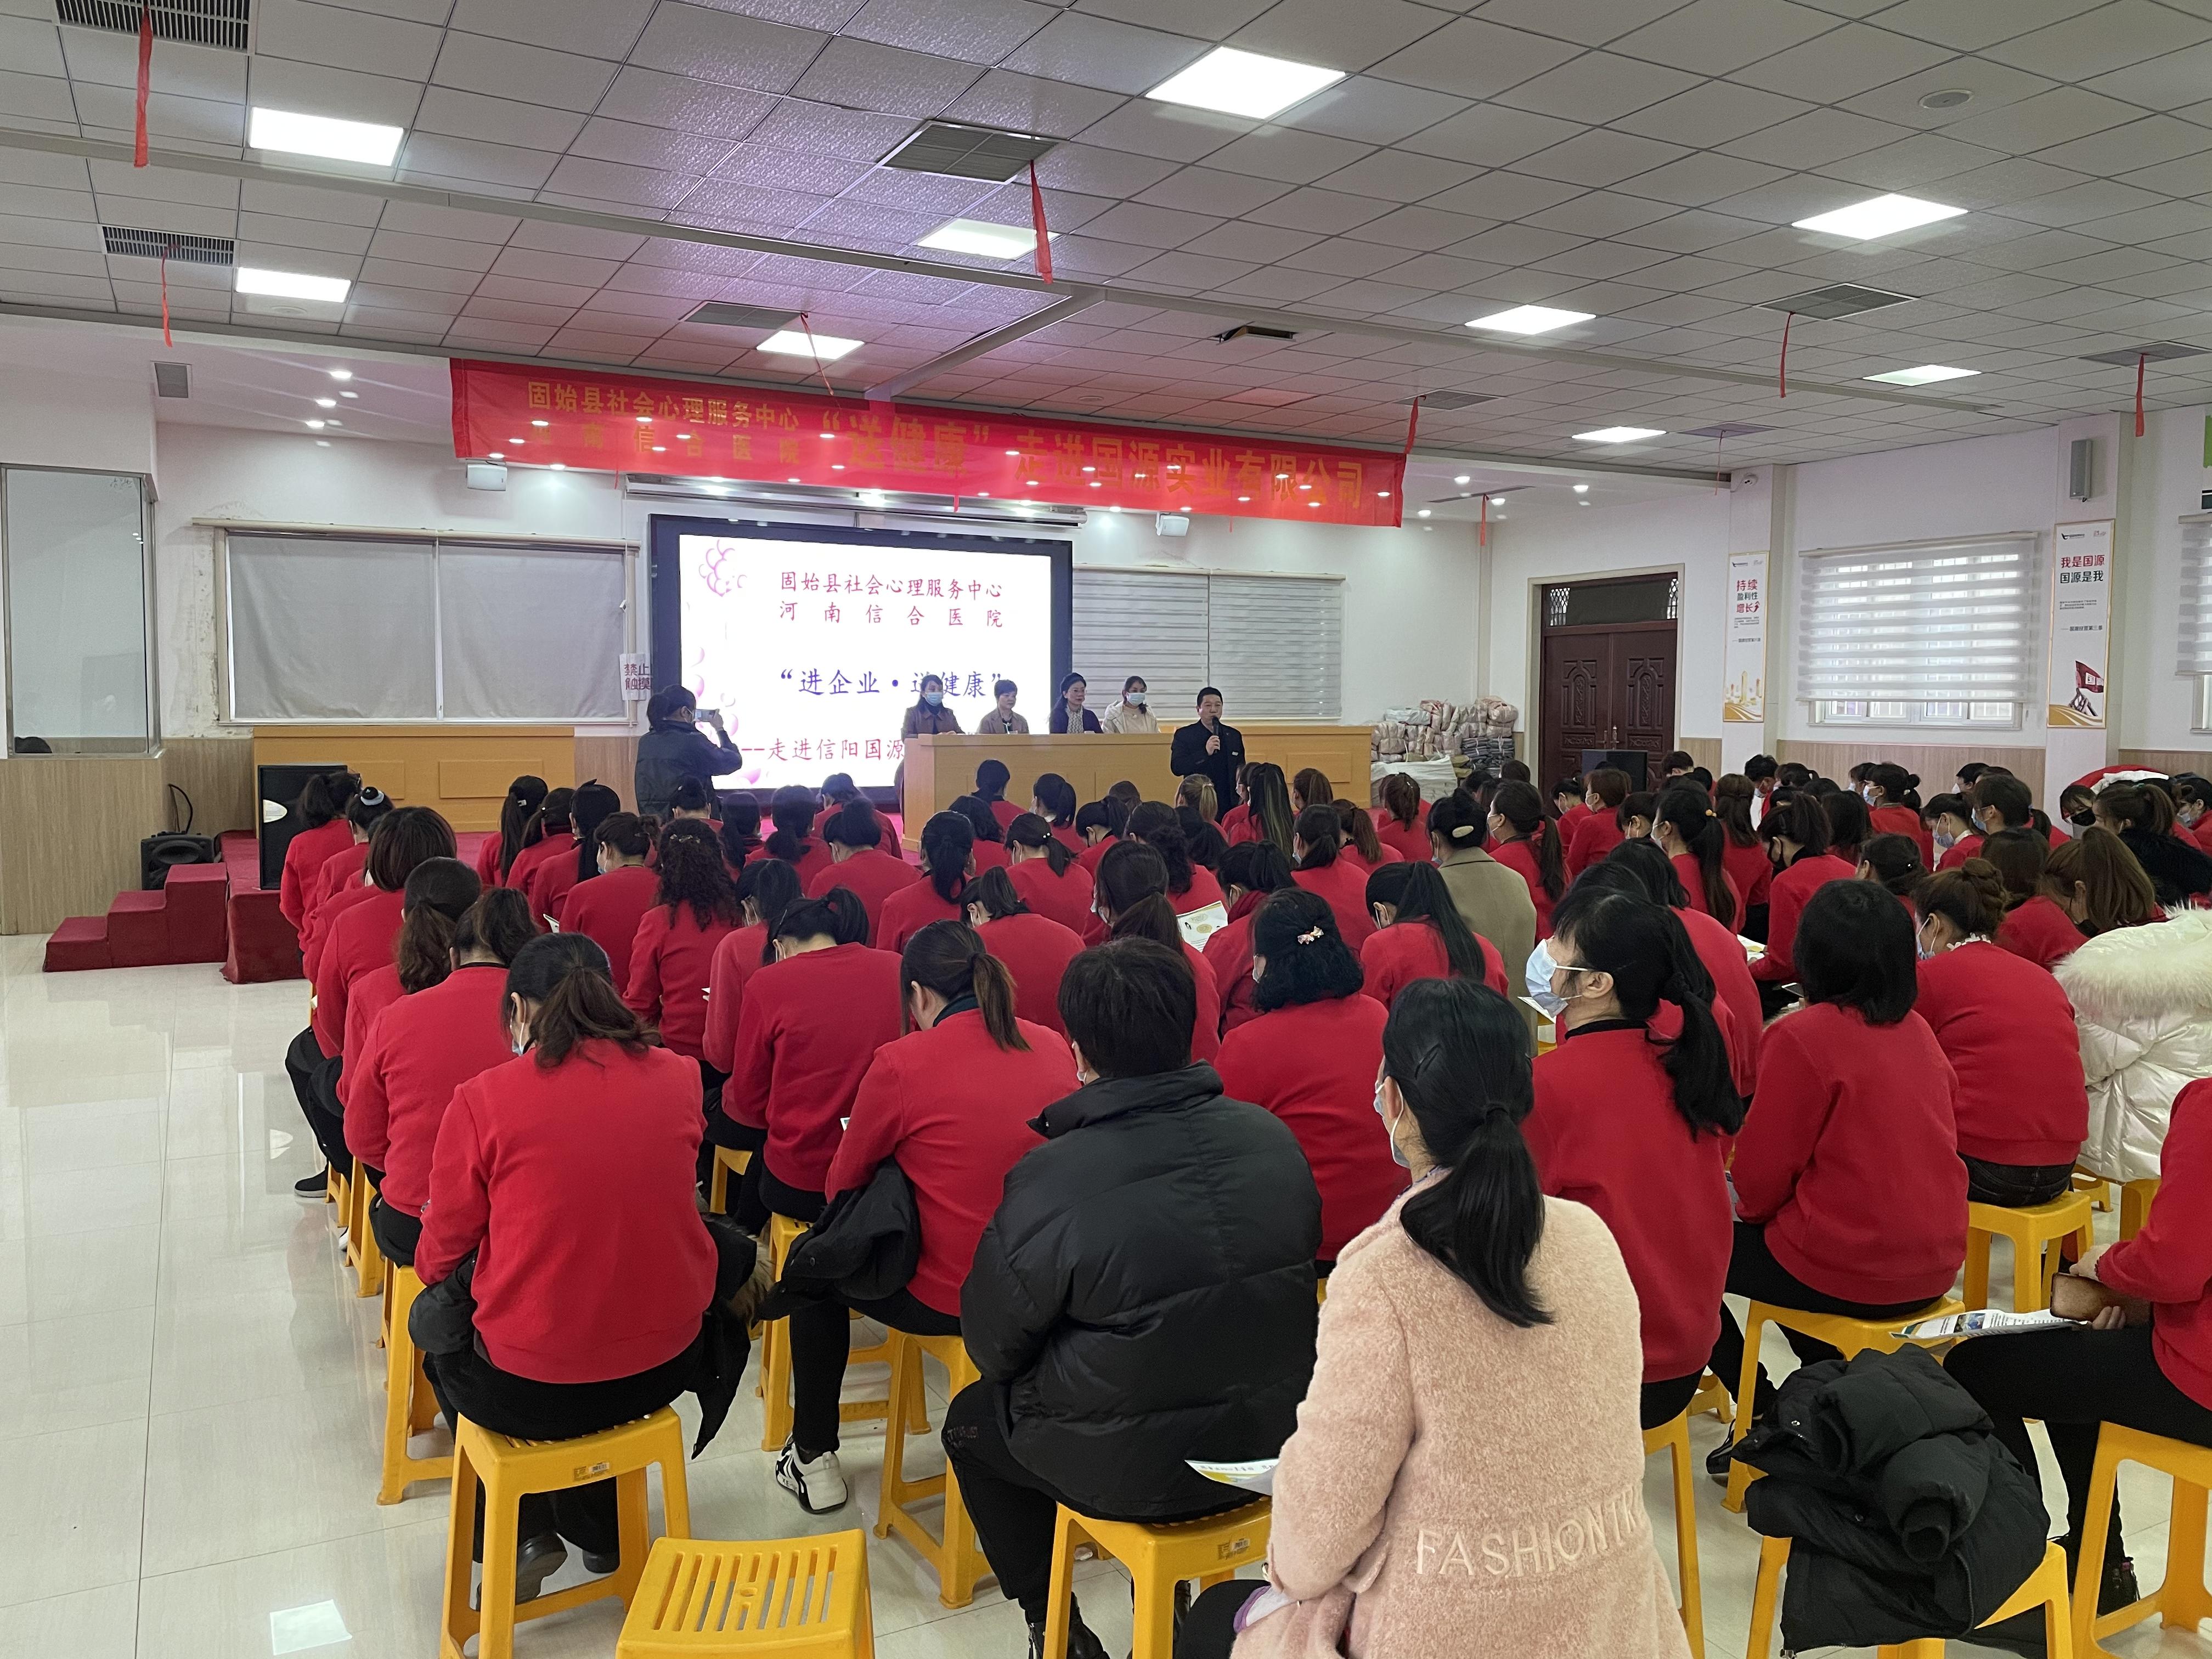 河南信合医院走进固始国源实业有限公司开展 3·8 妇女节「送健康」活动